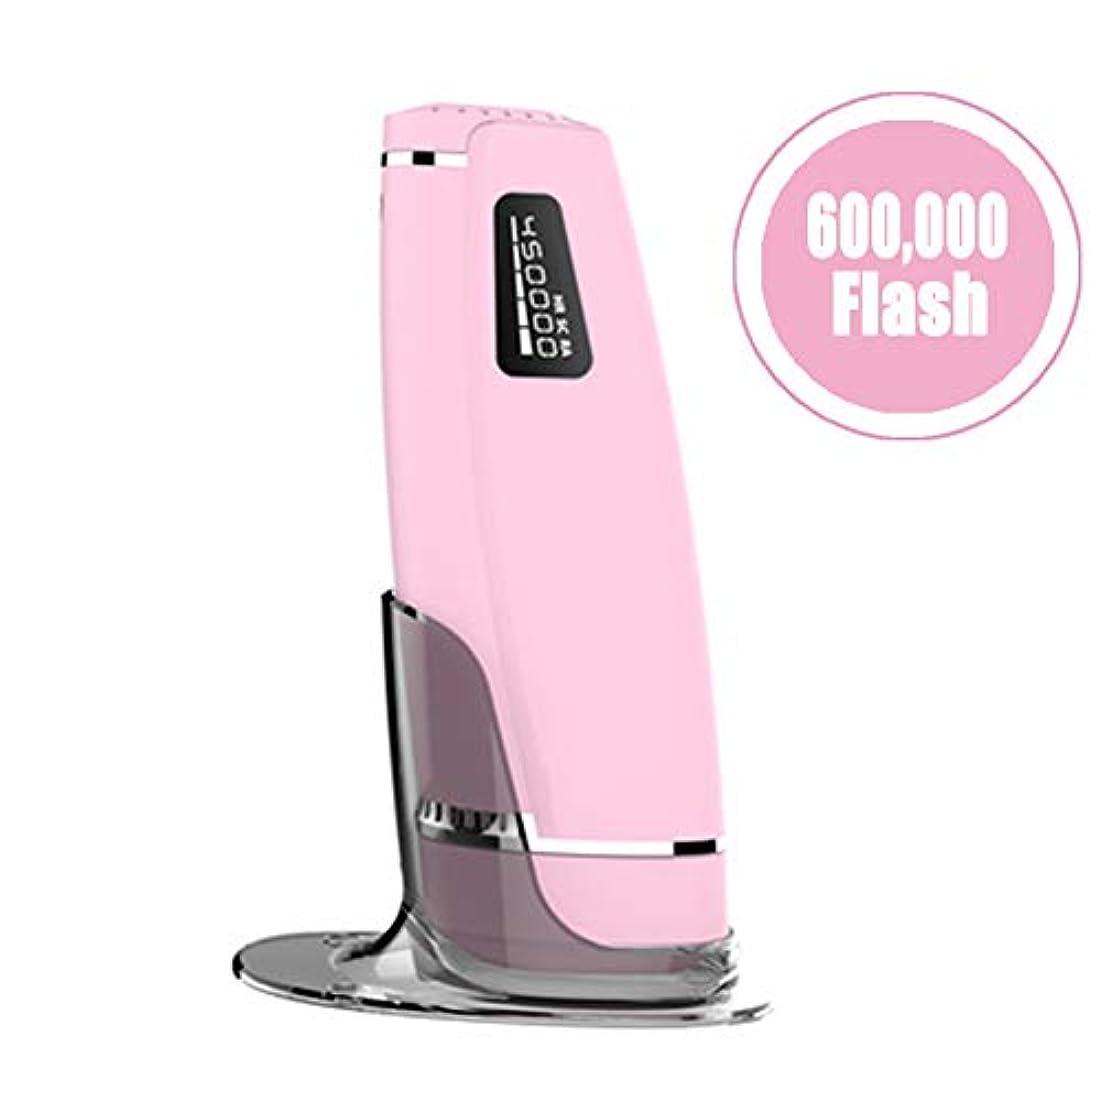 一致する変える集団アップグレードIPLレーザー脱毛システムデバイス、60万回のフラッシュ無痛常設パルス光脱毛器にとってボディフェイス脇の下ビキニライン,Pink